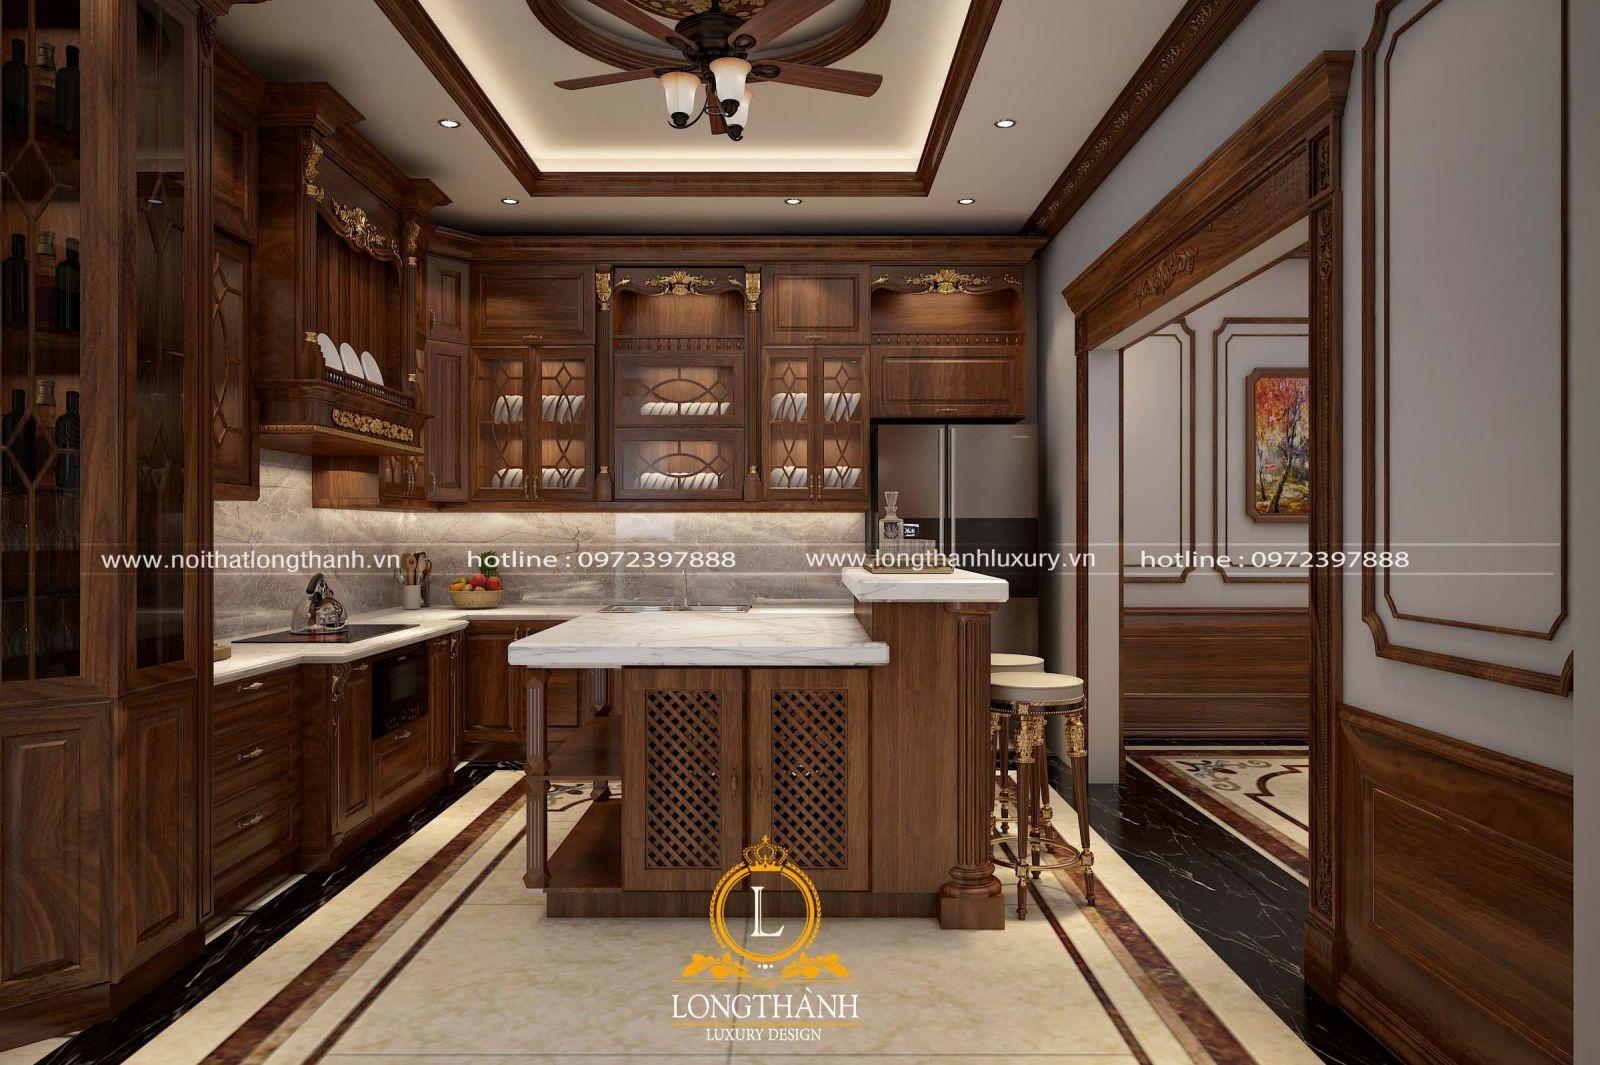 Nội thất tân cổ điển đẹp mắt được thiết kế tinh tế phù hợp với không gian